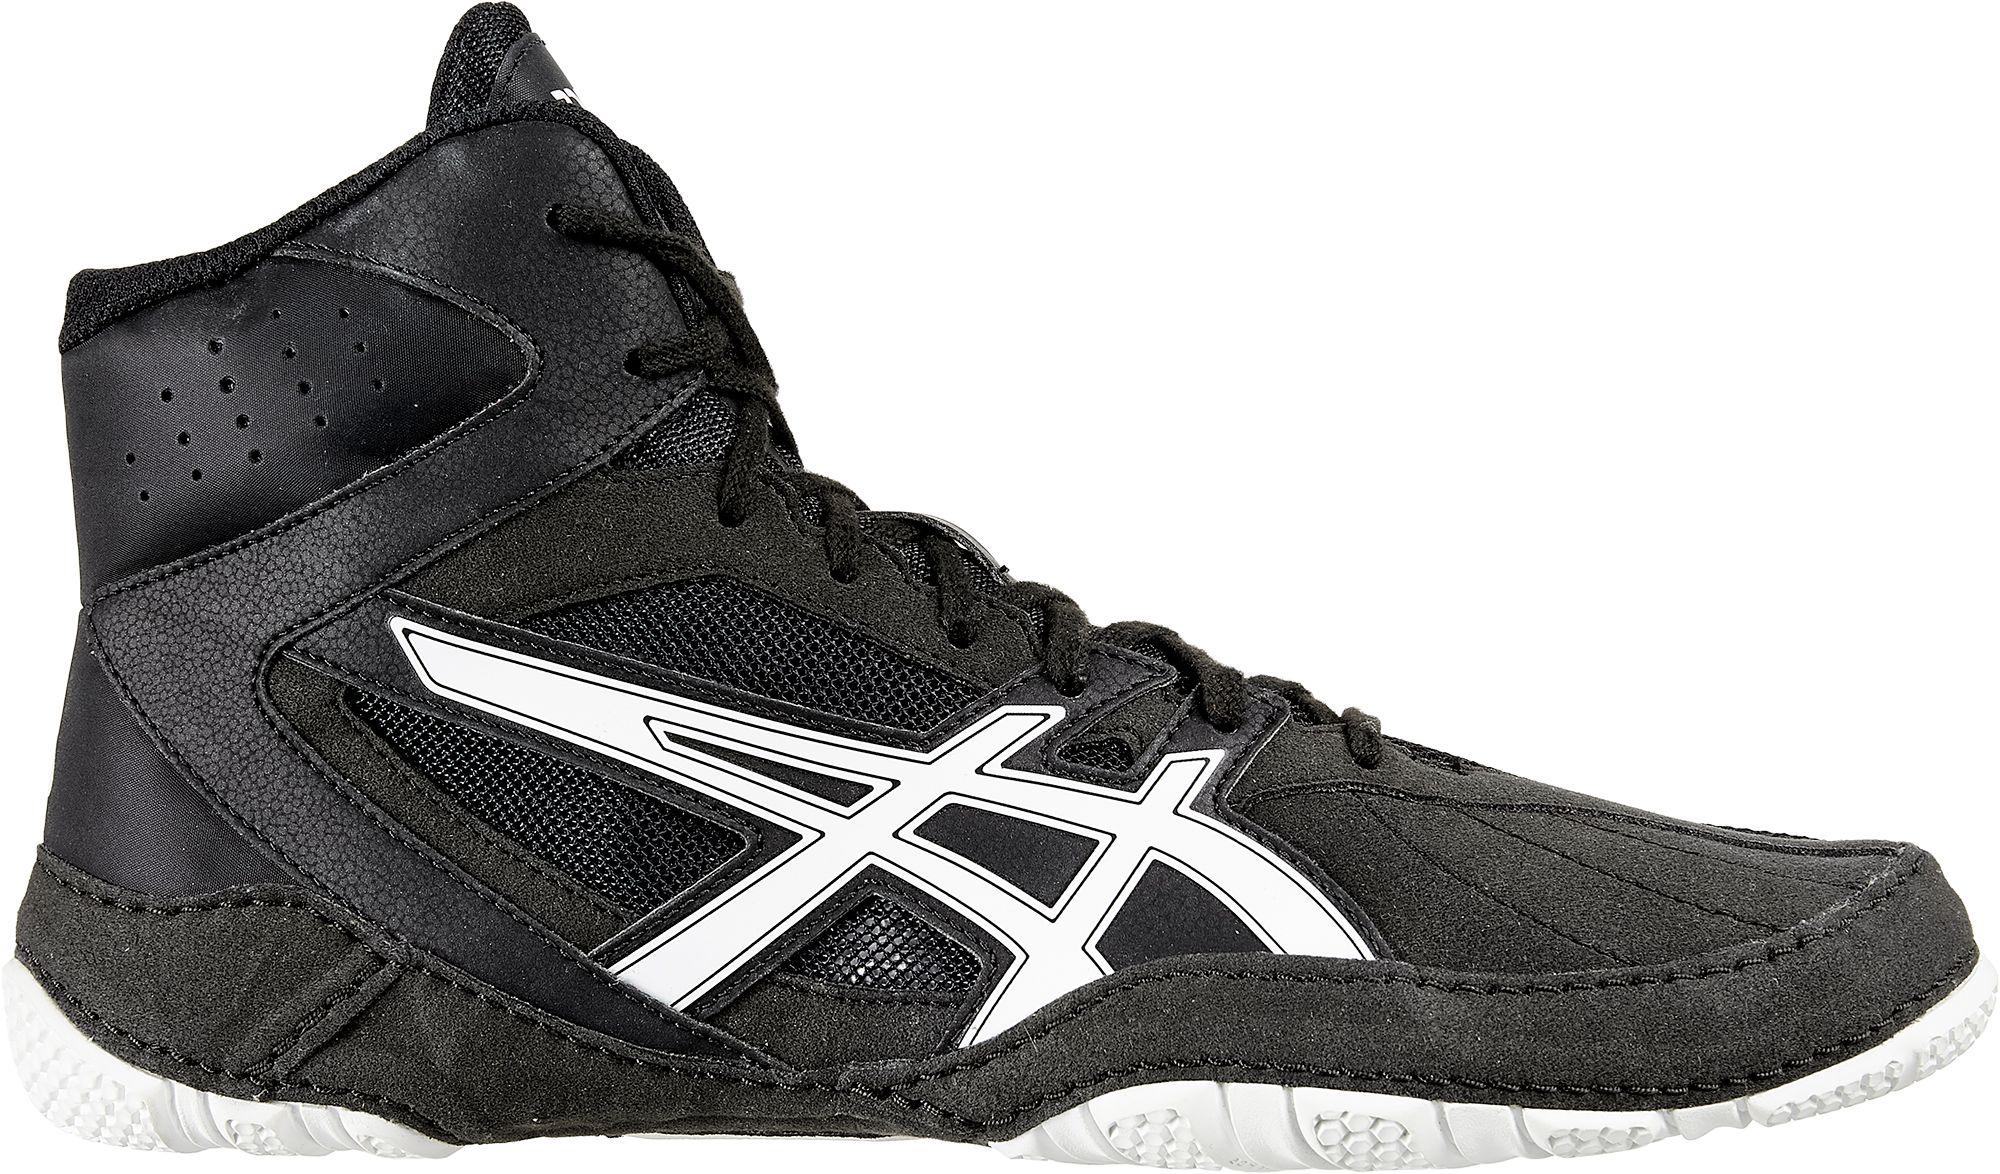 asics aggressor 1 wrestling shoes for sale regina